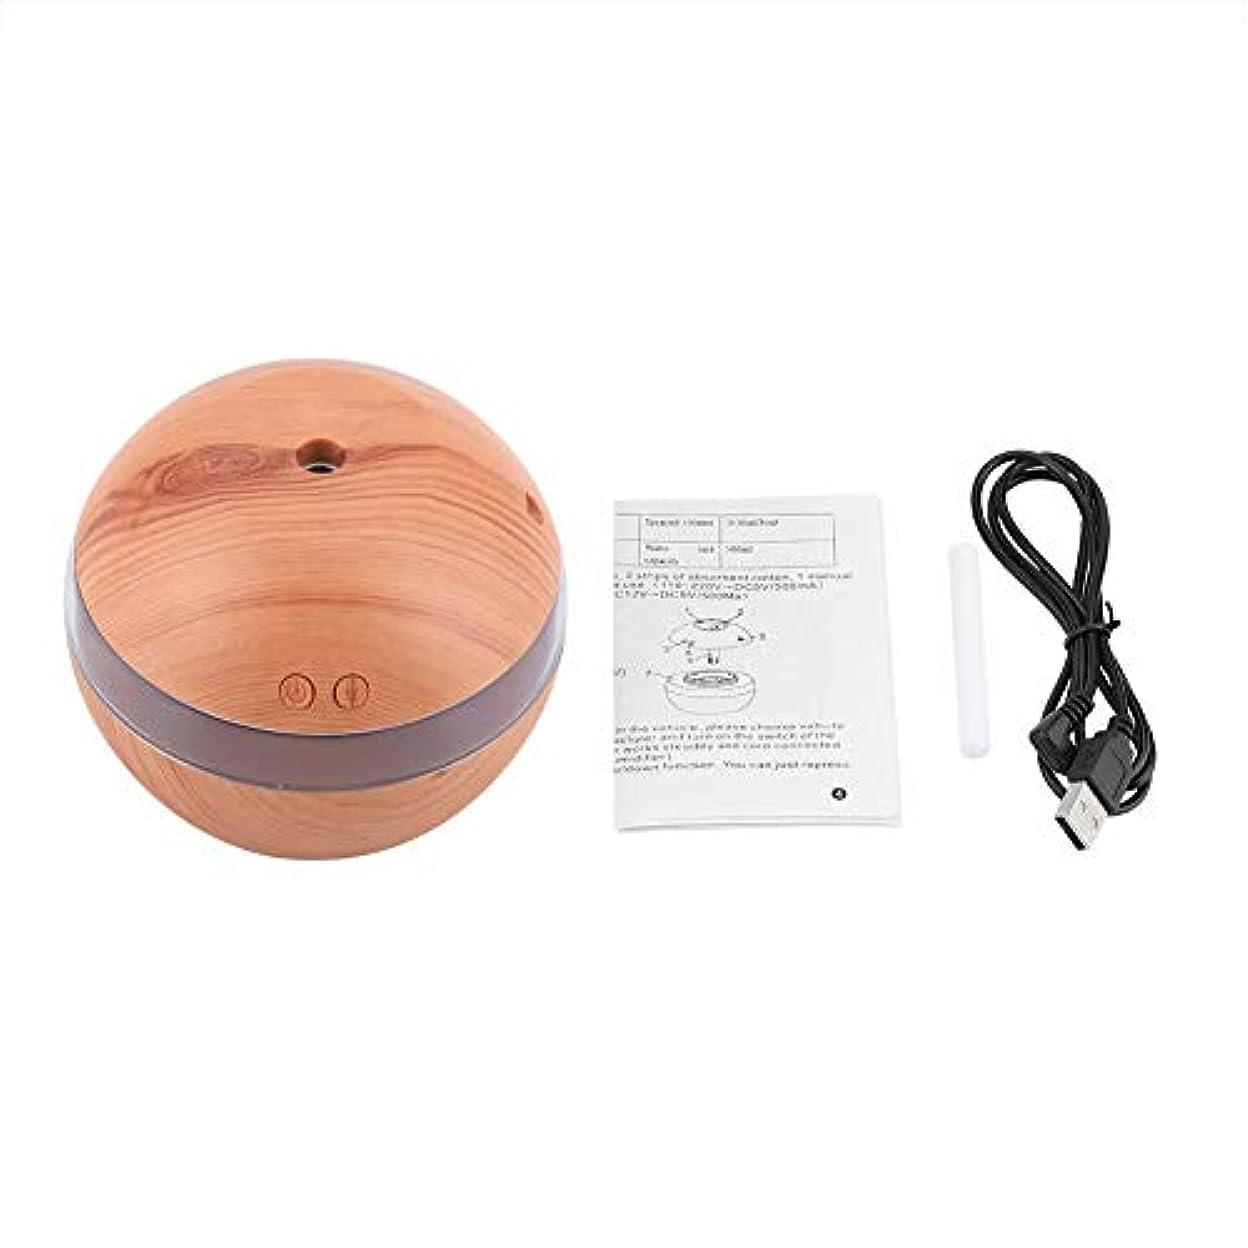 コロニー不振小屋木製加湿器ディフューザー、300ml USBスーパーライトアロマセラピーエッセンシャルオイルアロマディフューザー、LEDライト付き(軽い木製)